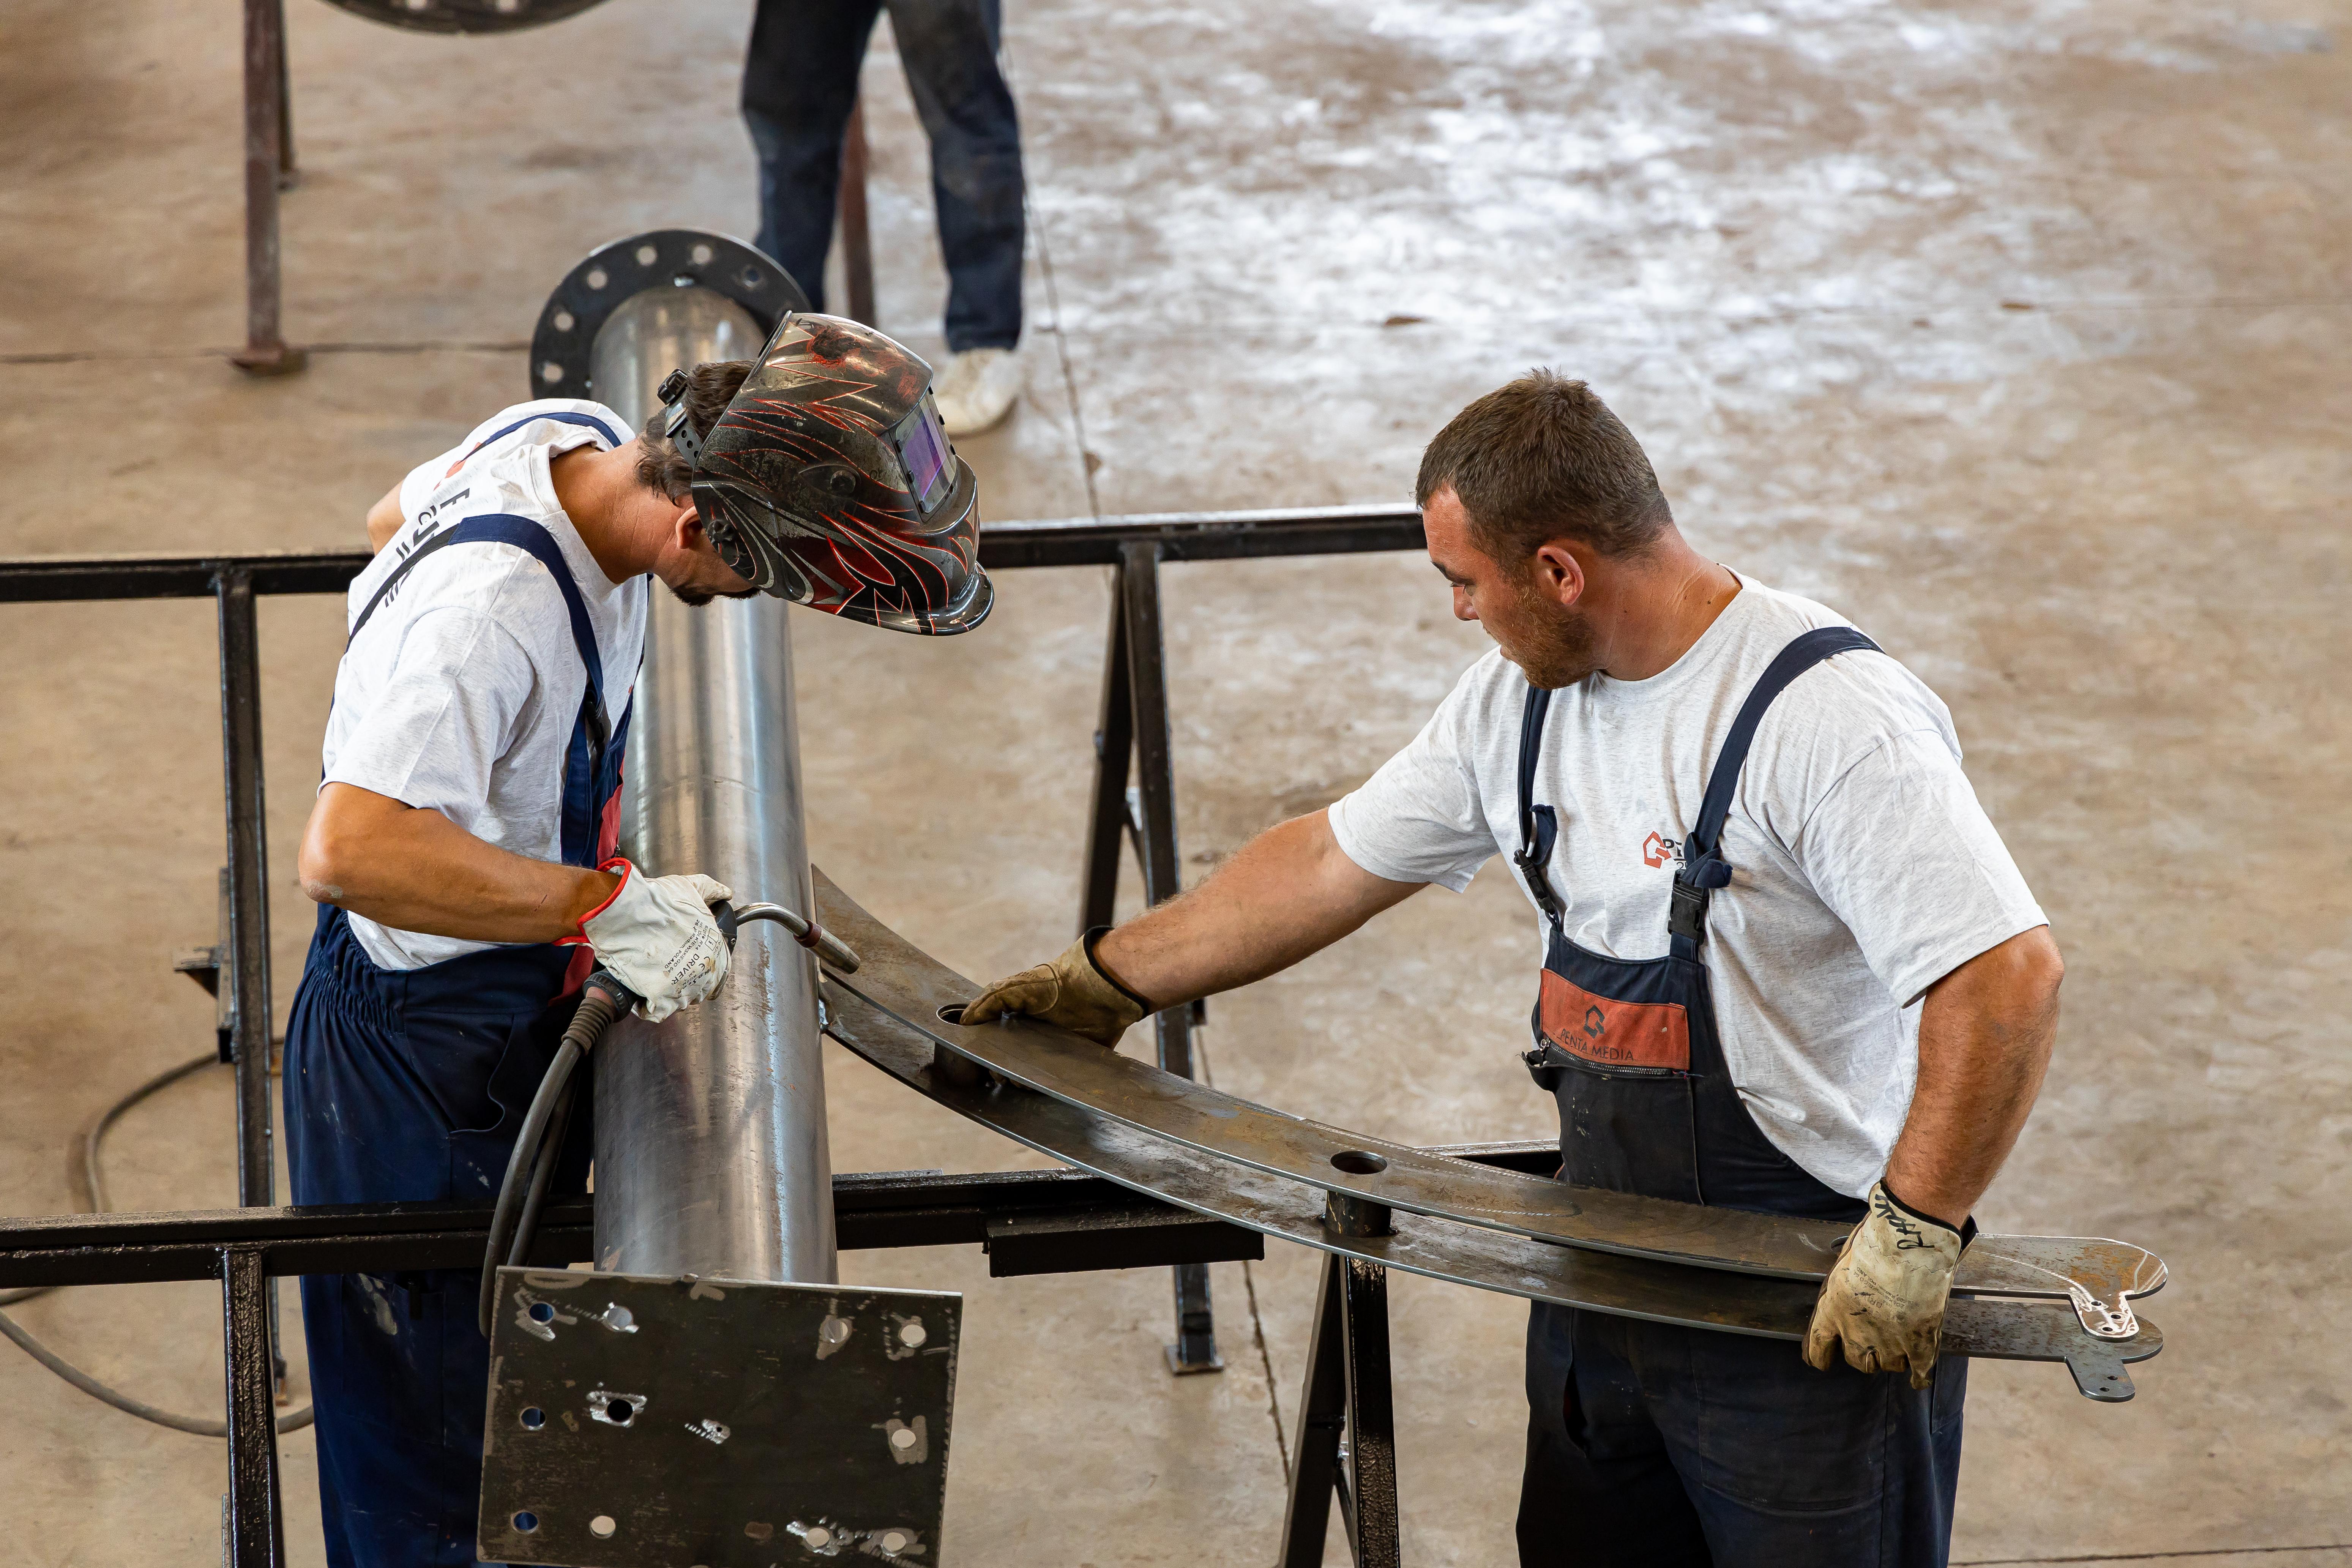 Asamblarea piciorului de la structura metalică a panoului